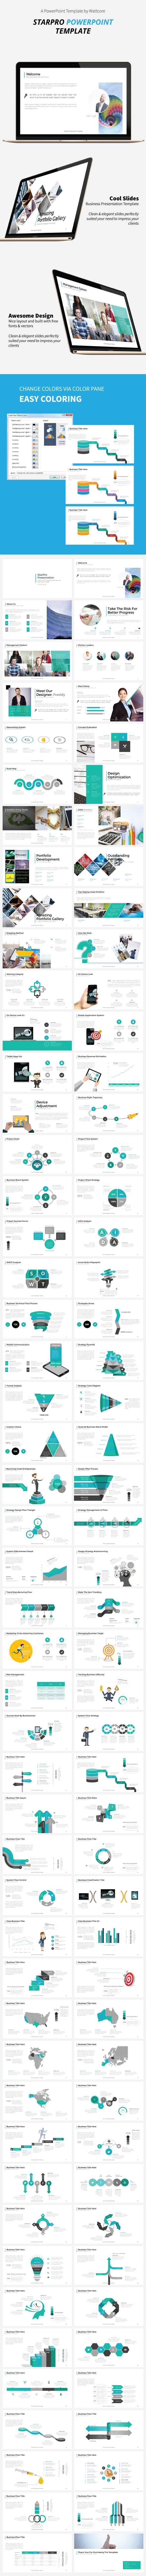 StarPro PowerPoint Presentation Template